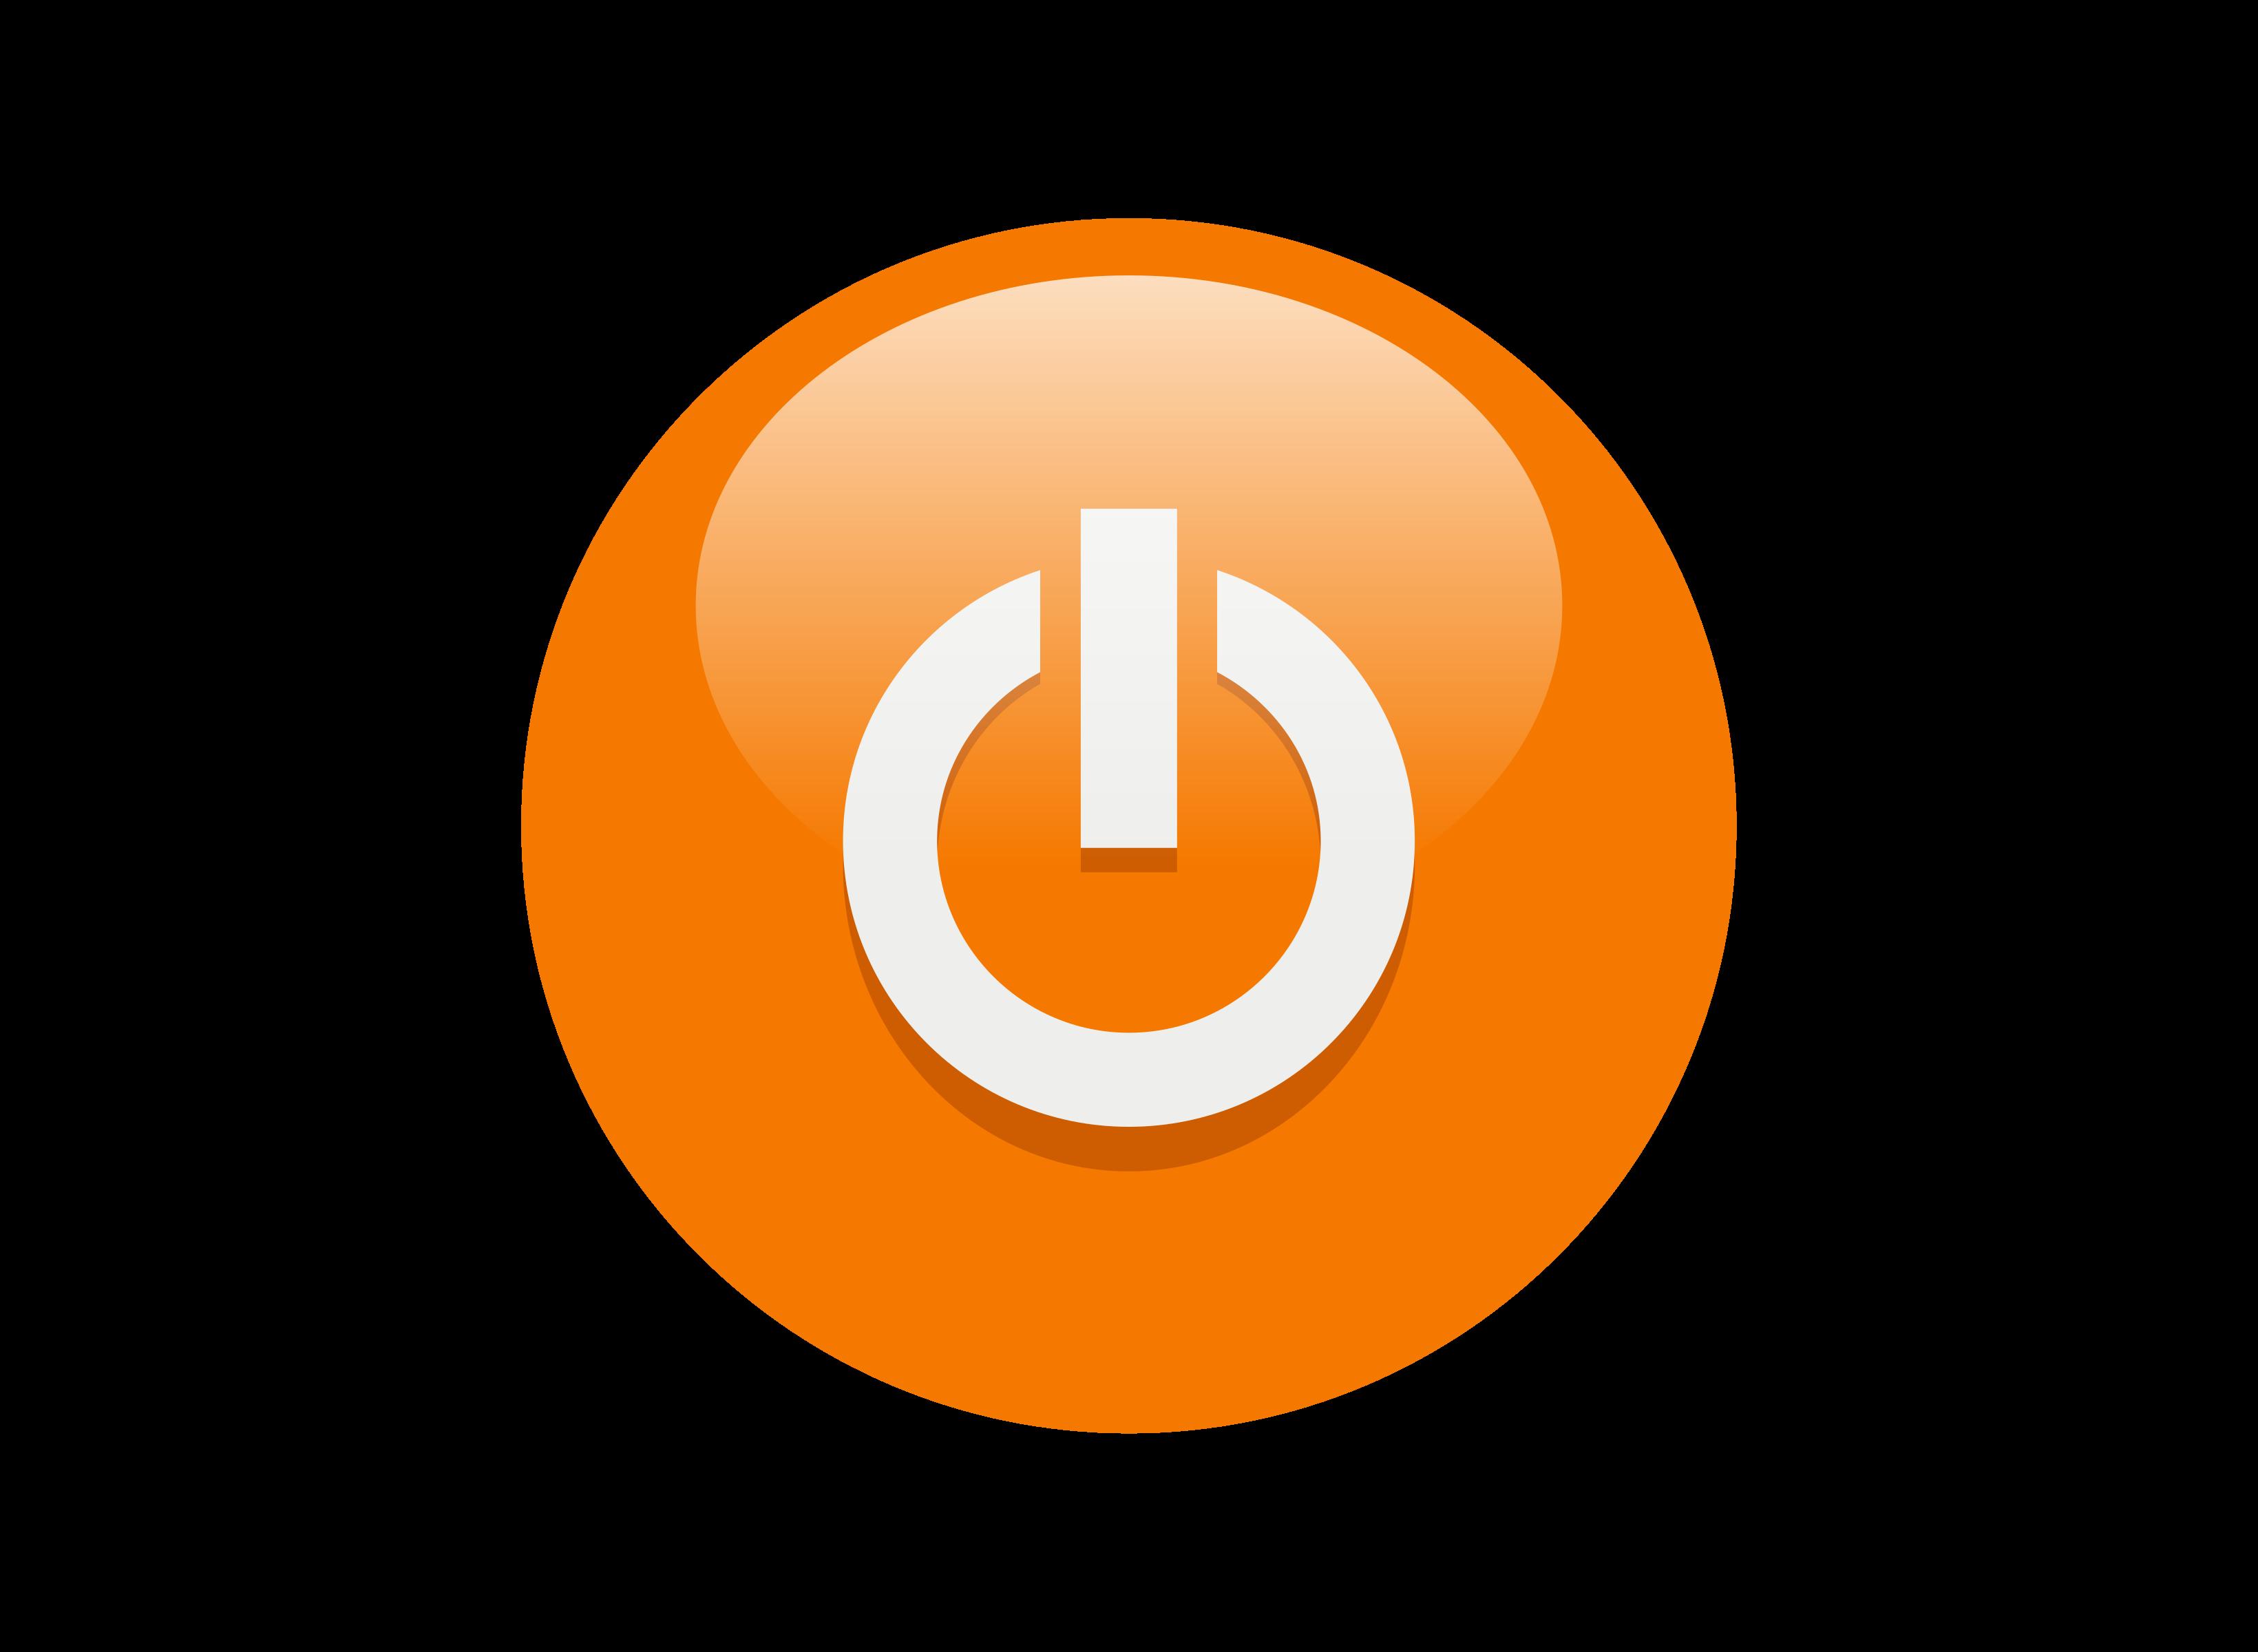 Button clipart orange button. Multicolor power buttons big